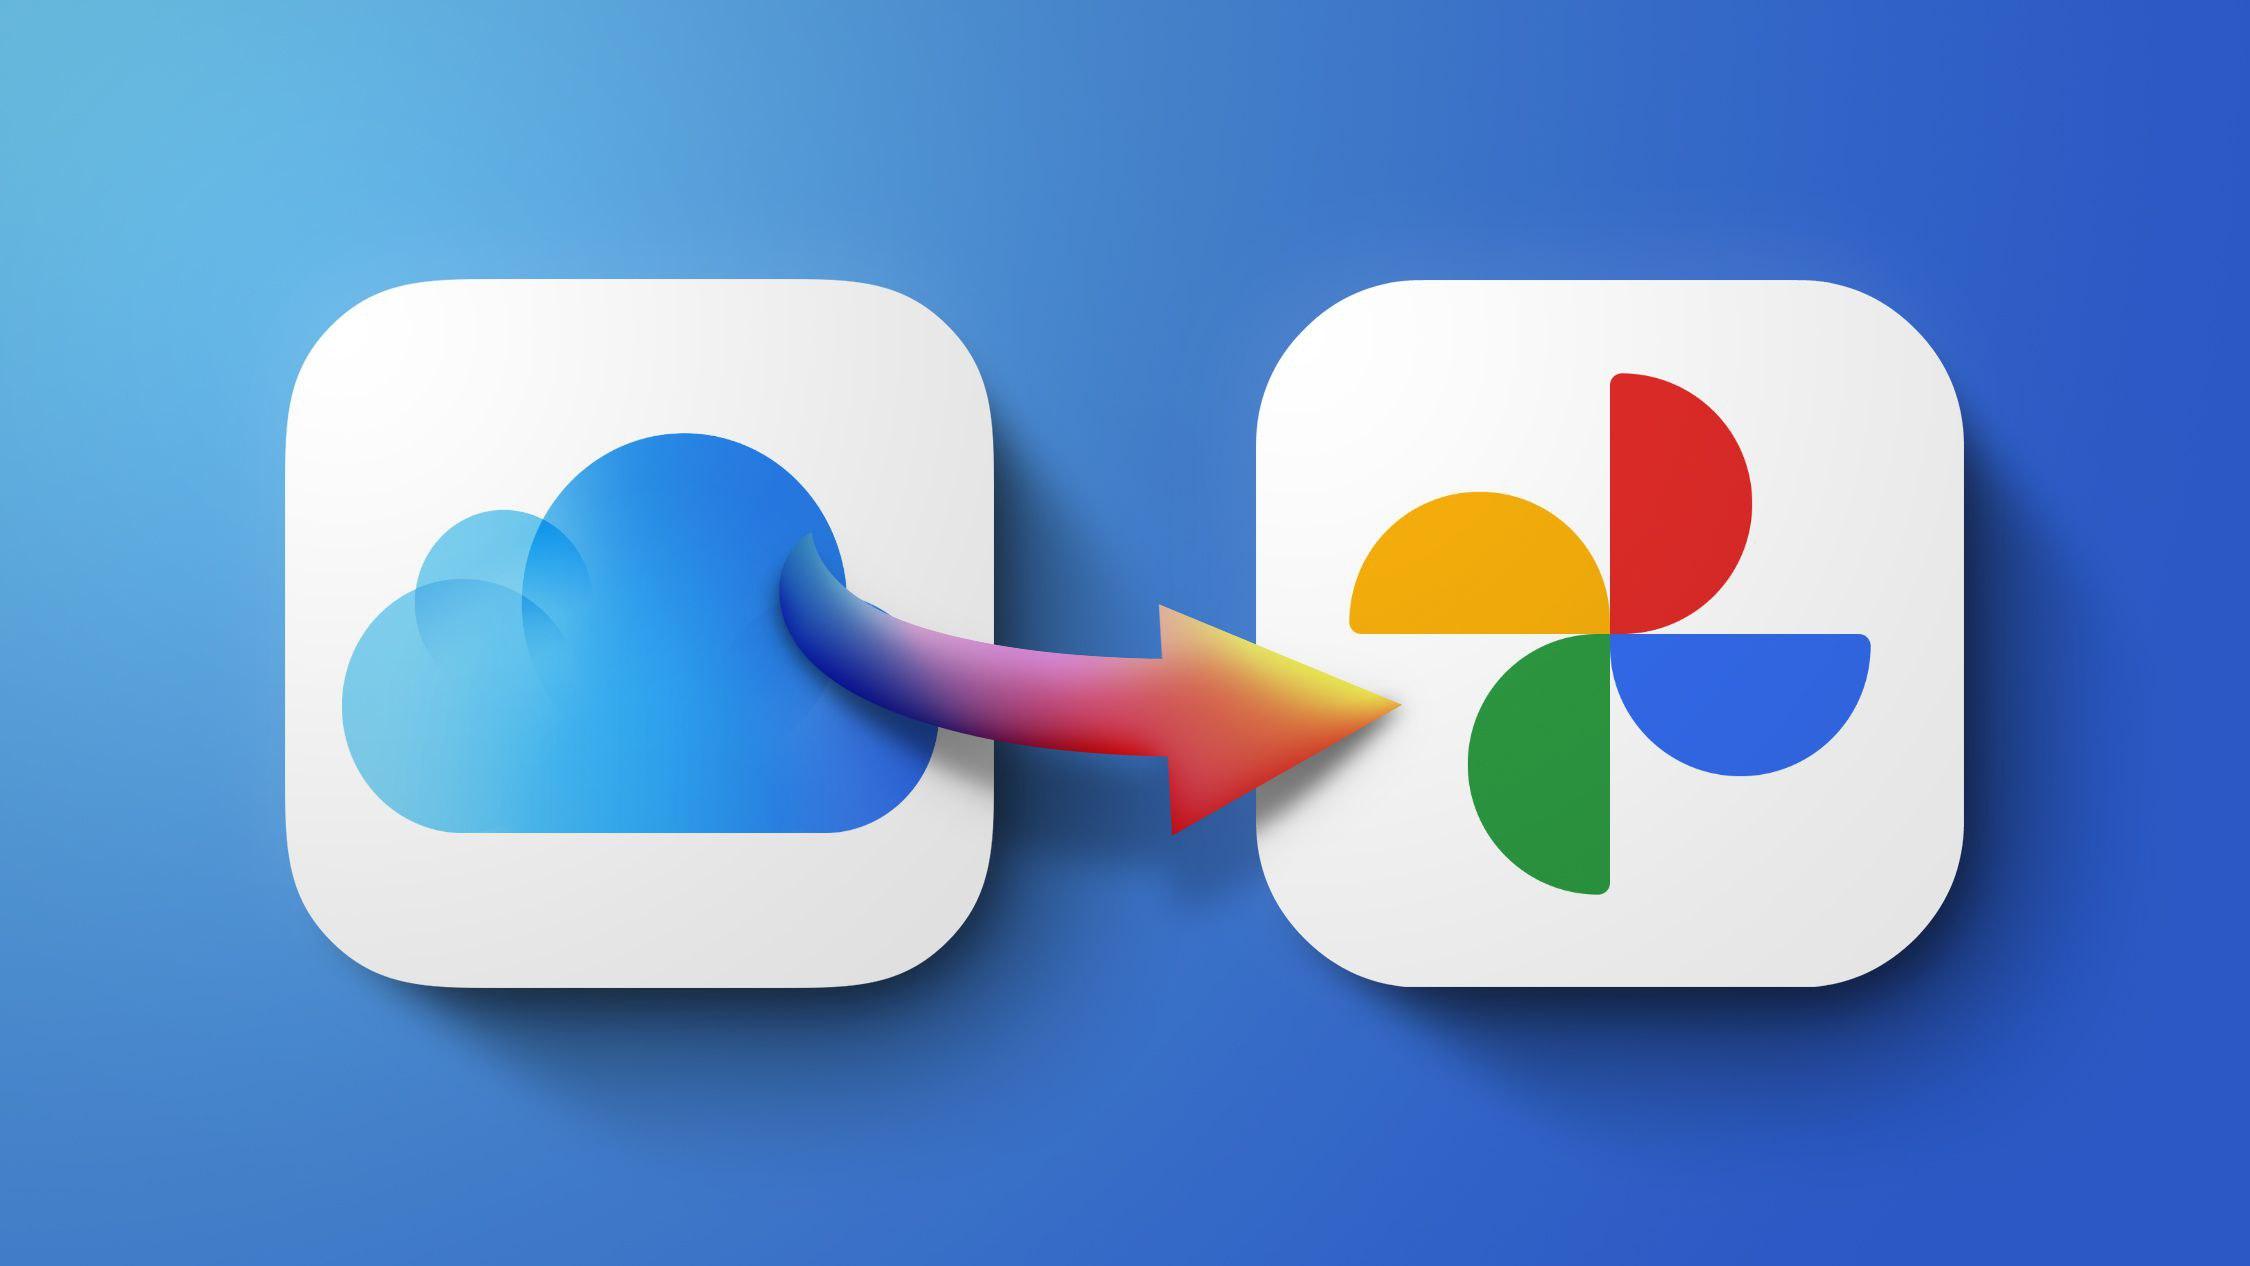 Эппл разработали сервис, позволяющий выгрузить фотки из iCloud в другие сервисы, в частности Google Photos. Я не понимаю зачем эппл такое делает, но очень, очень одобряю этот жест. Пока запускается только в США, далее везде. www.macrumors.com/2021/03/03/ap